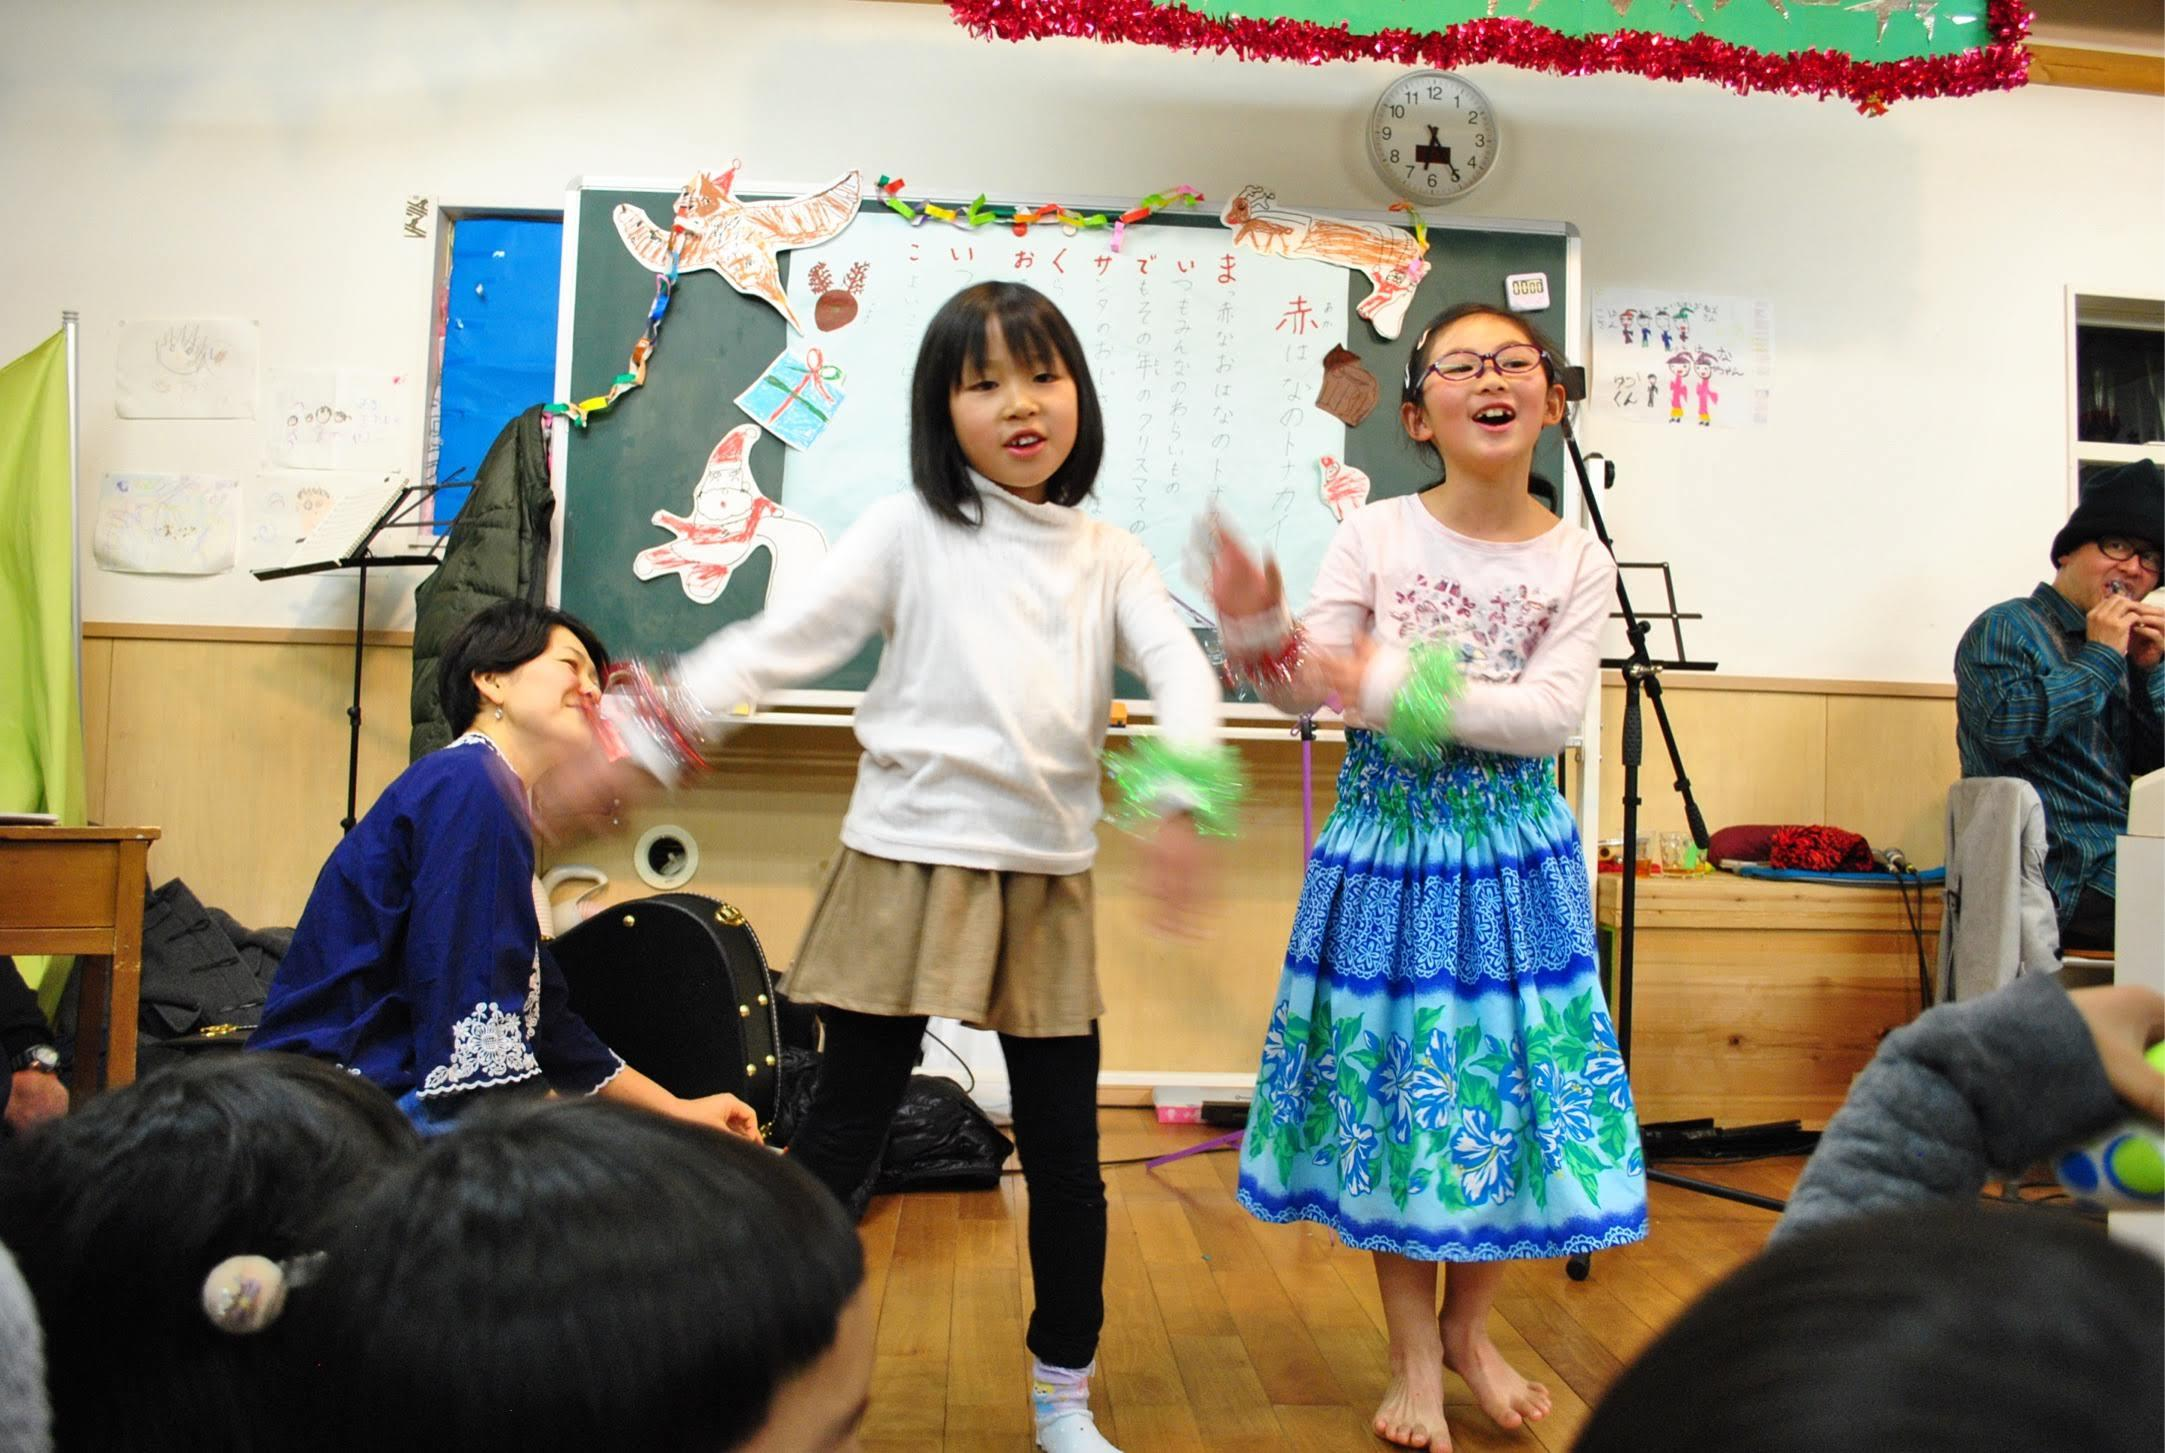 パル教室クリスマスパーティーレポートその③_a0239665_09420344.jpg